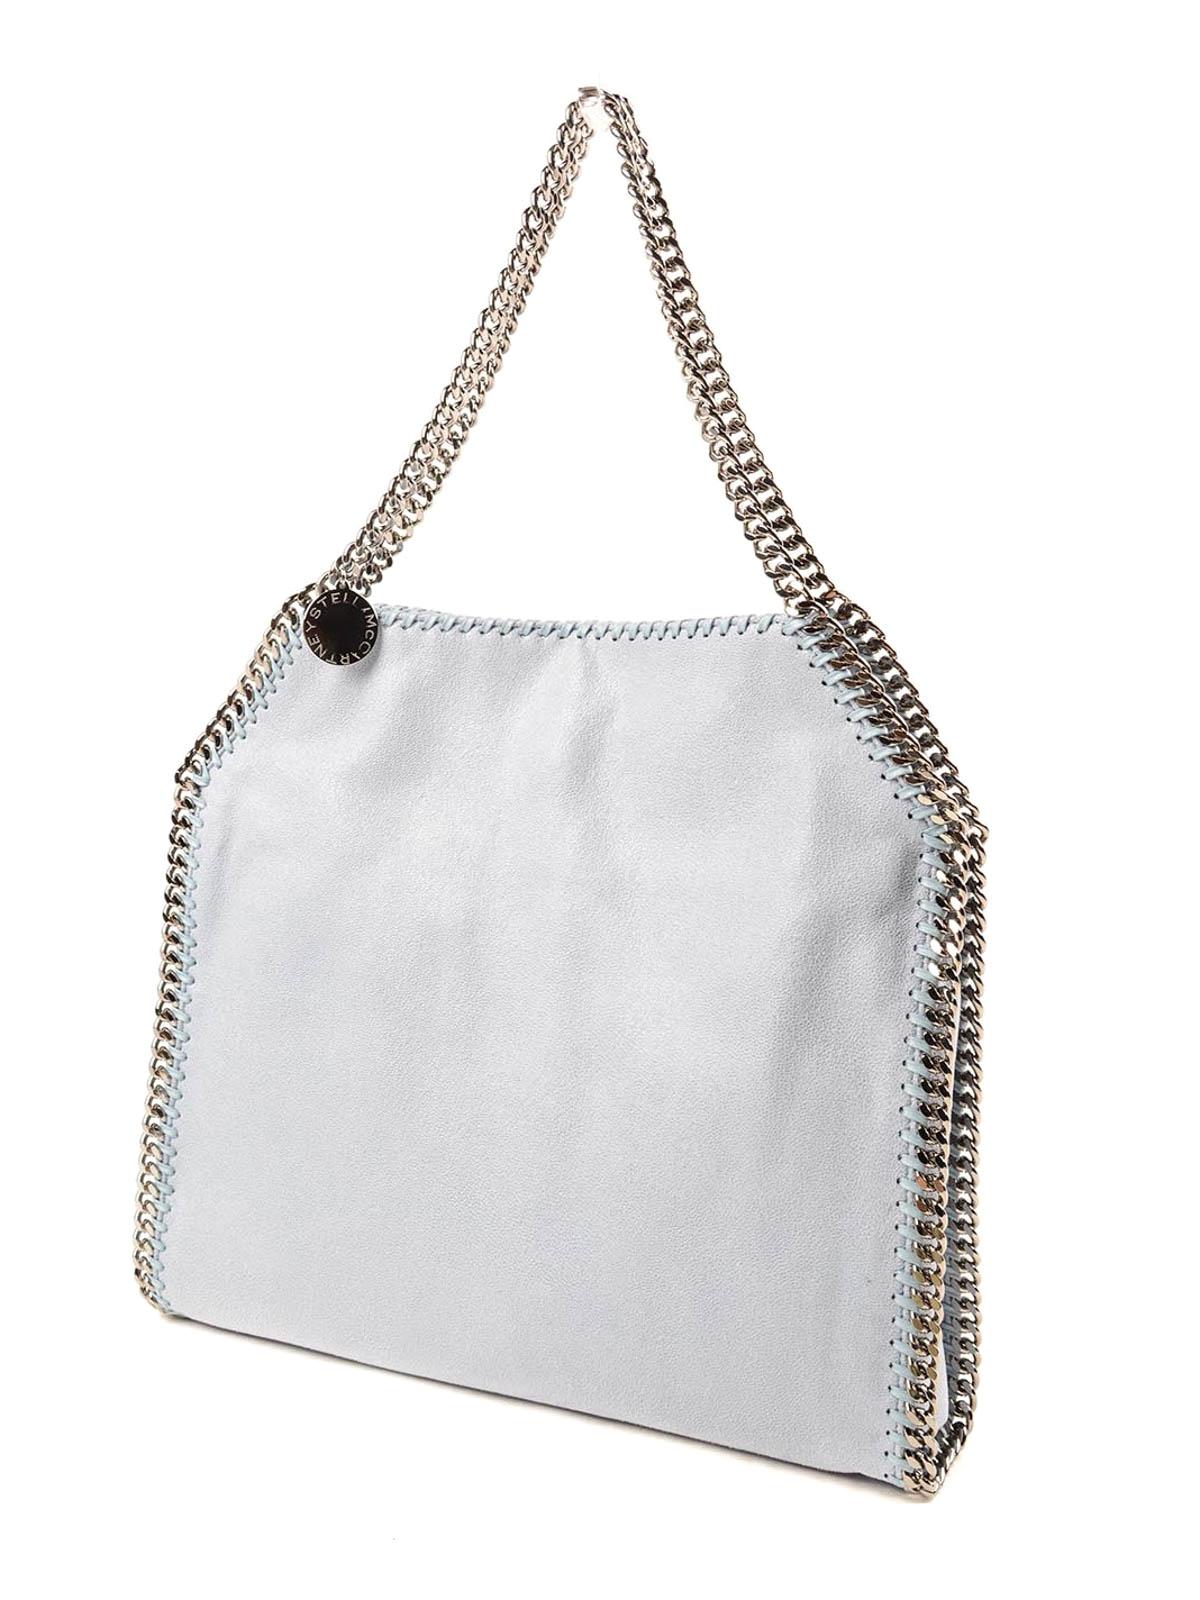 6de94e63a4 STELLA McCARTNEY  totes bags online - Falabella Chamois small tote